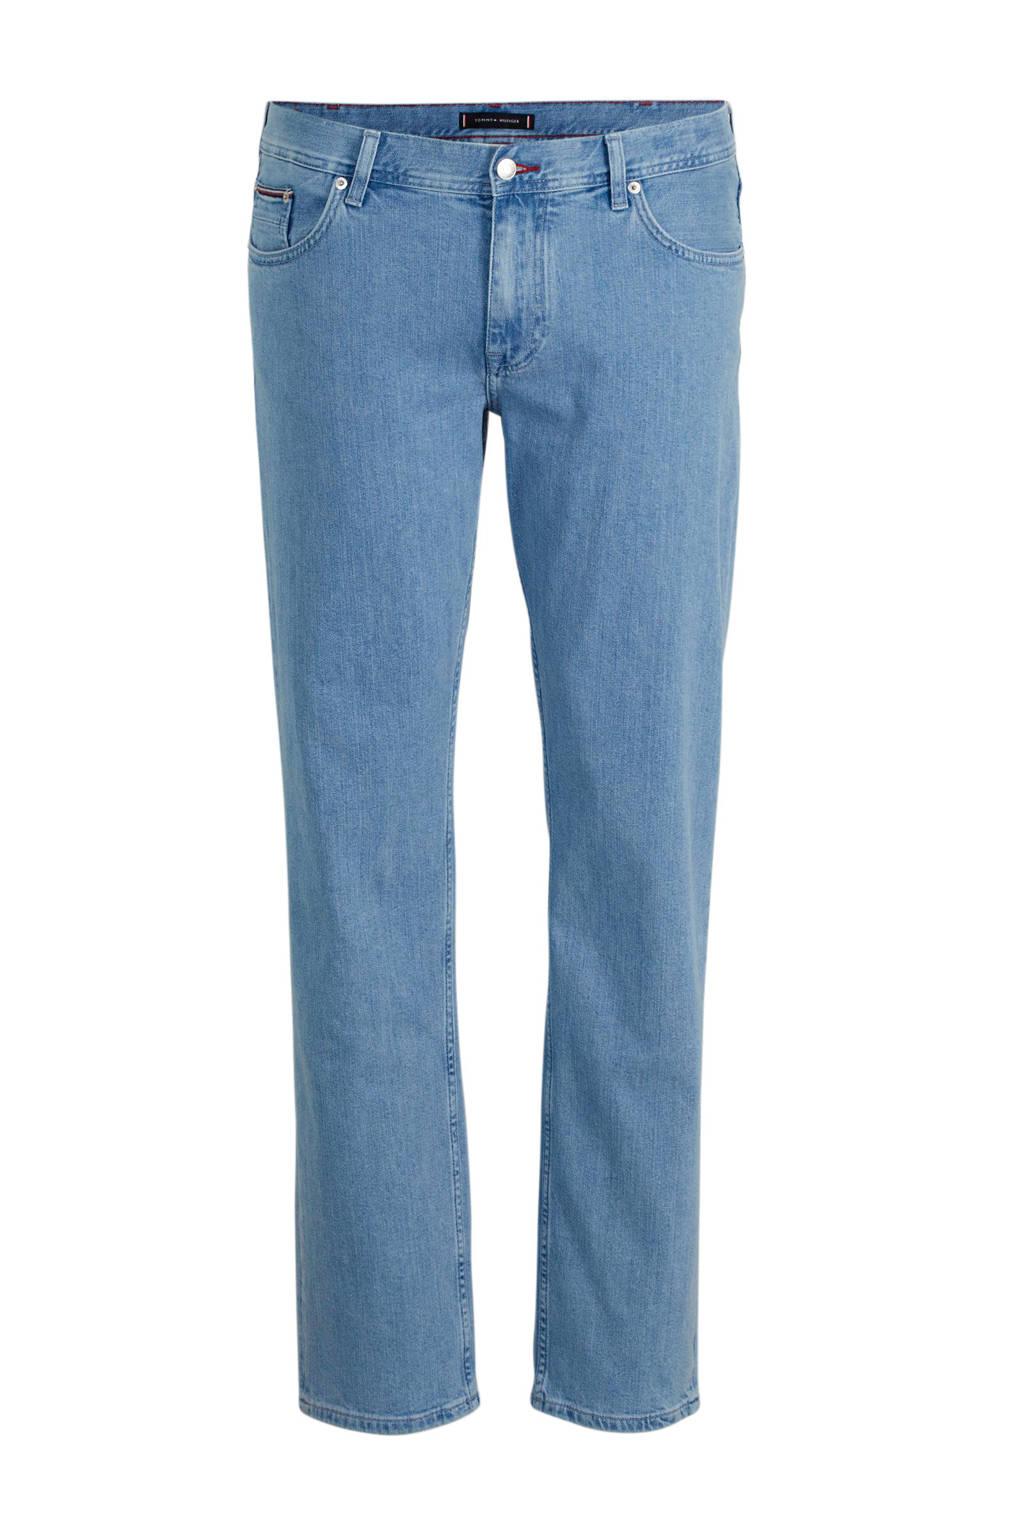 Tommy Hilfiger Big & Tall +size straight fit jeans Madison light denim, Light denim